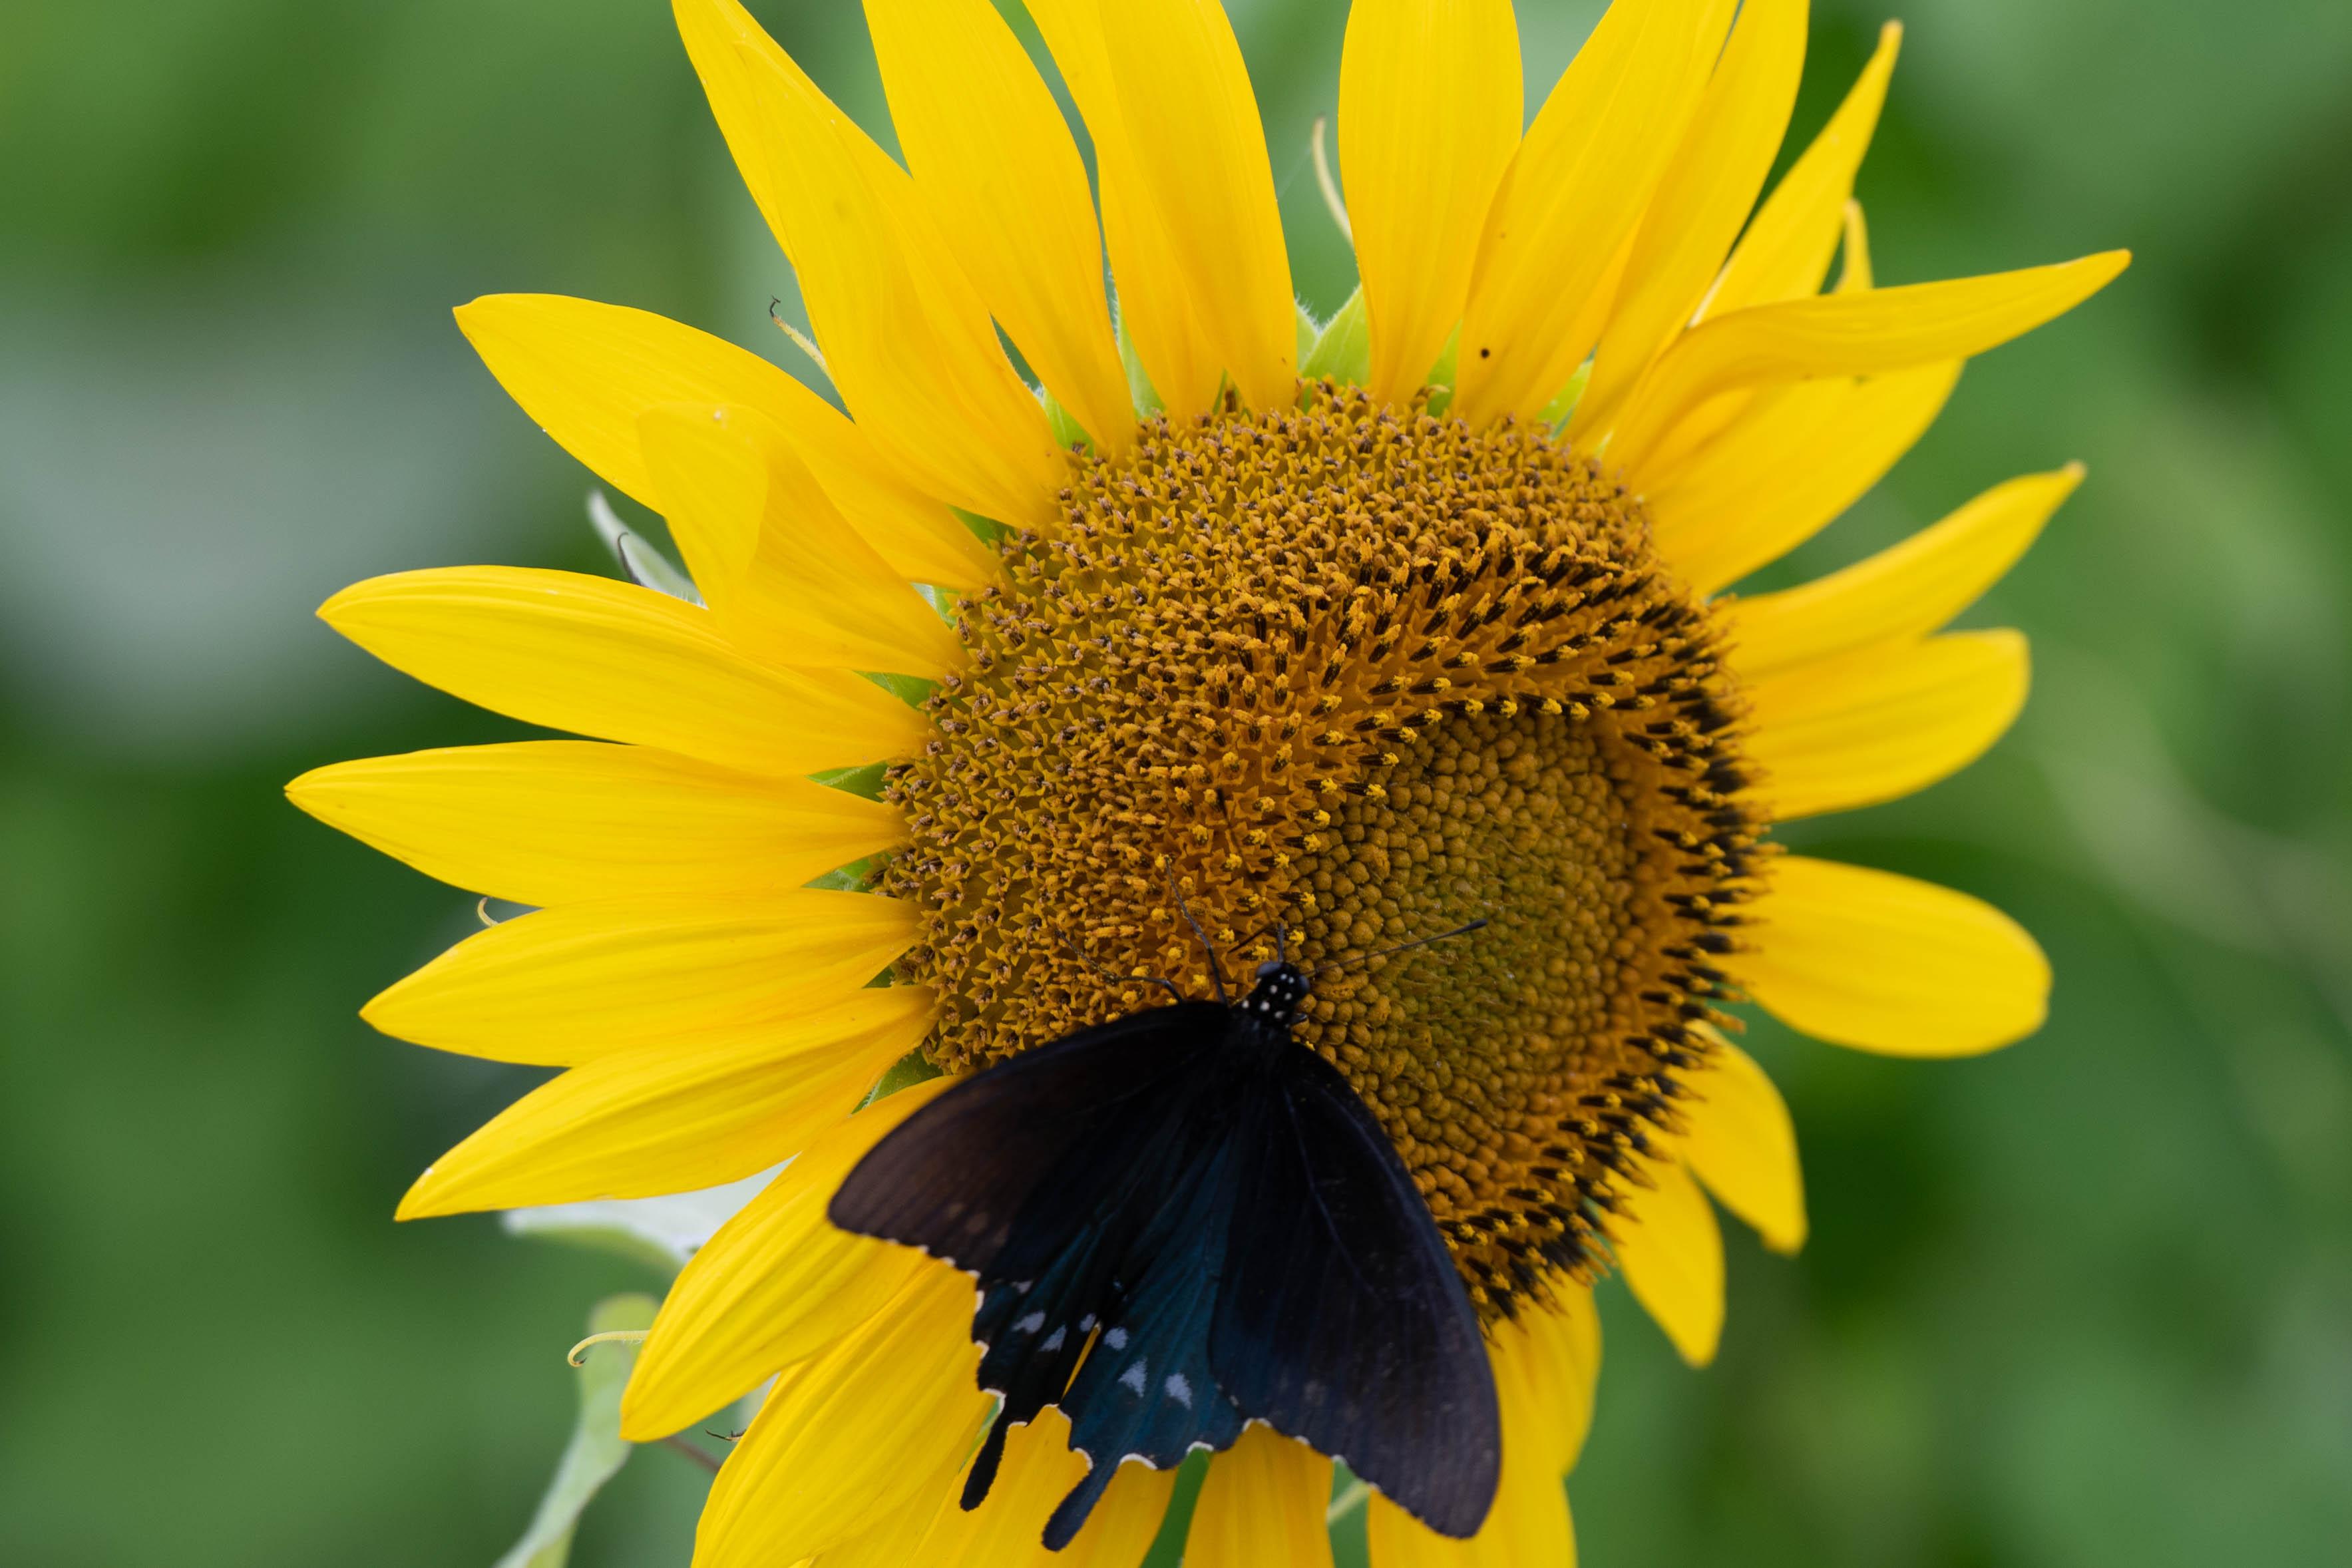 jim-west-collierville-tn-wildlife-nature-6